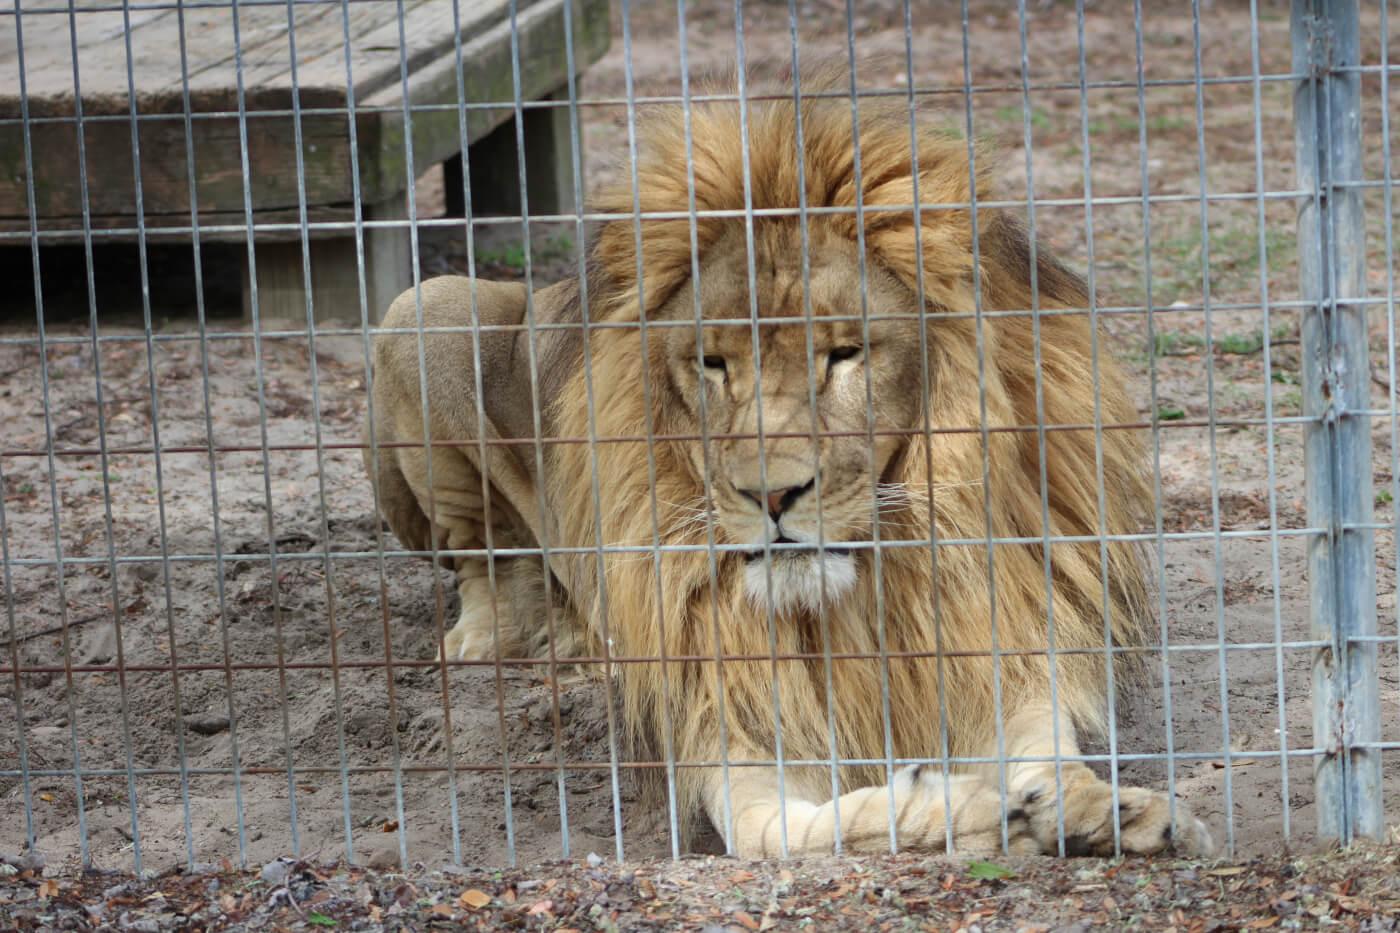 zoos cruelty